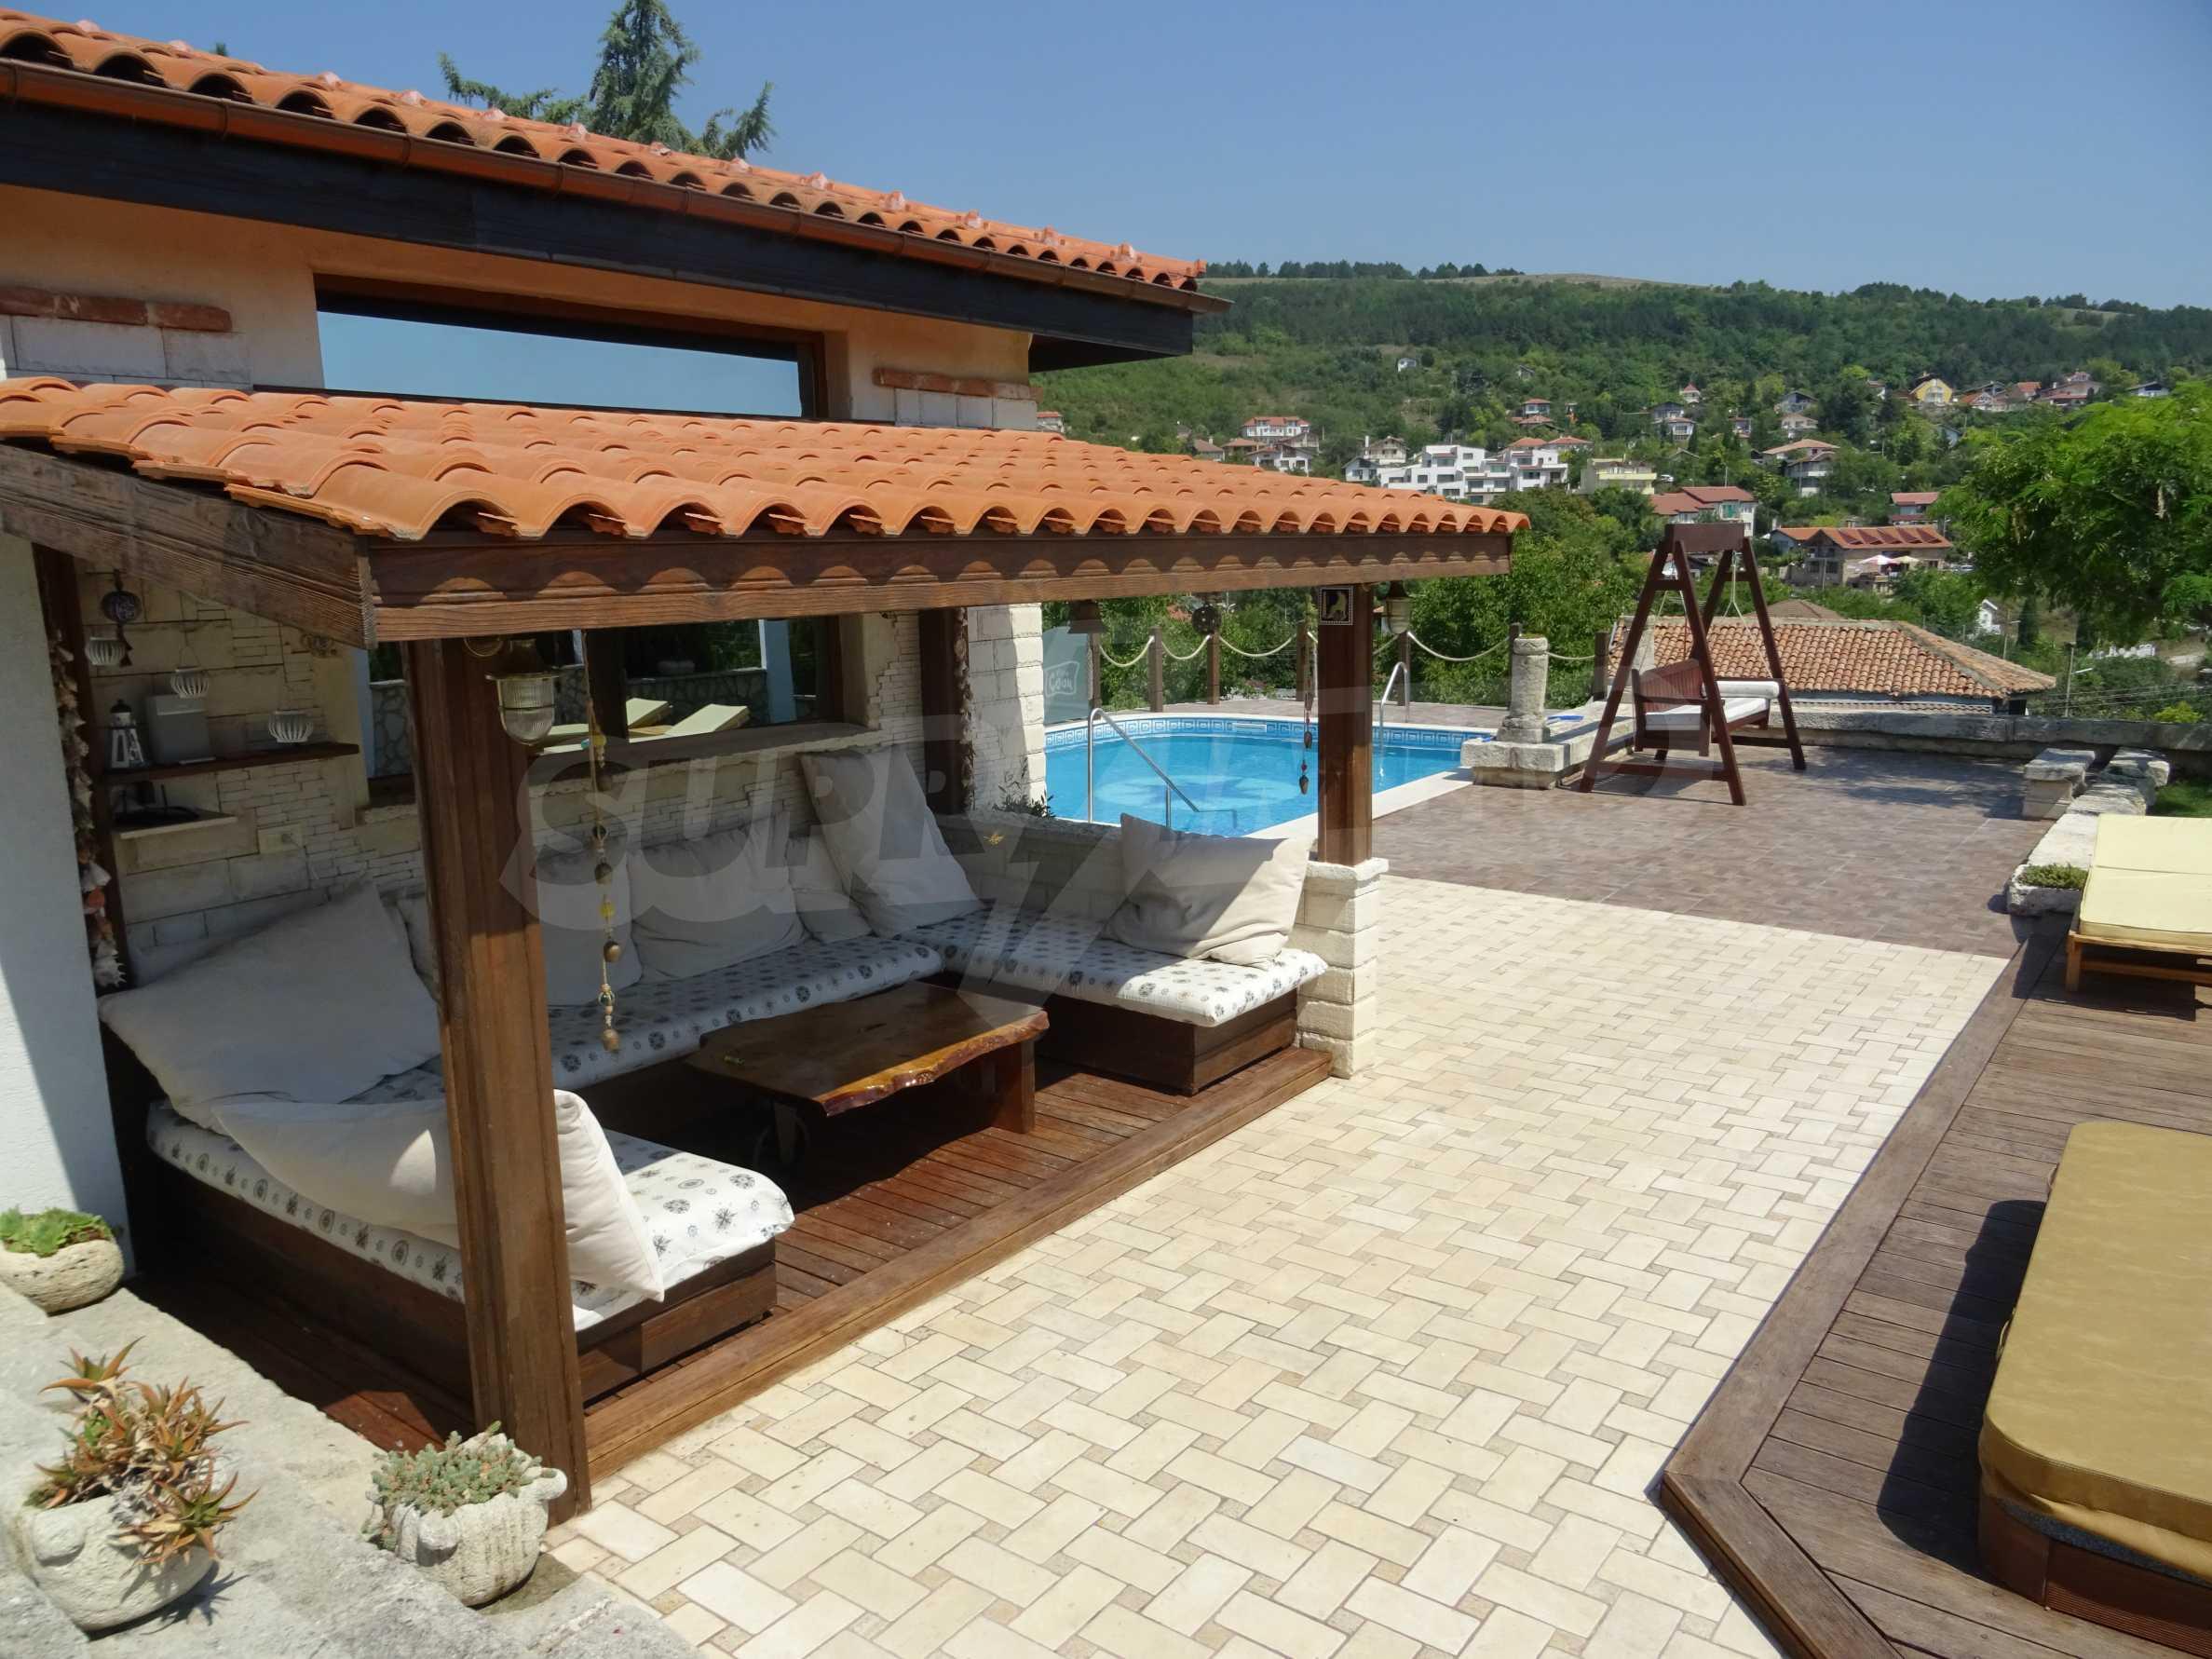 Mediterraner Stil - Luxus zum Sonderpreis 2